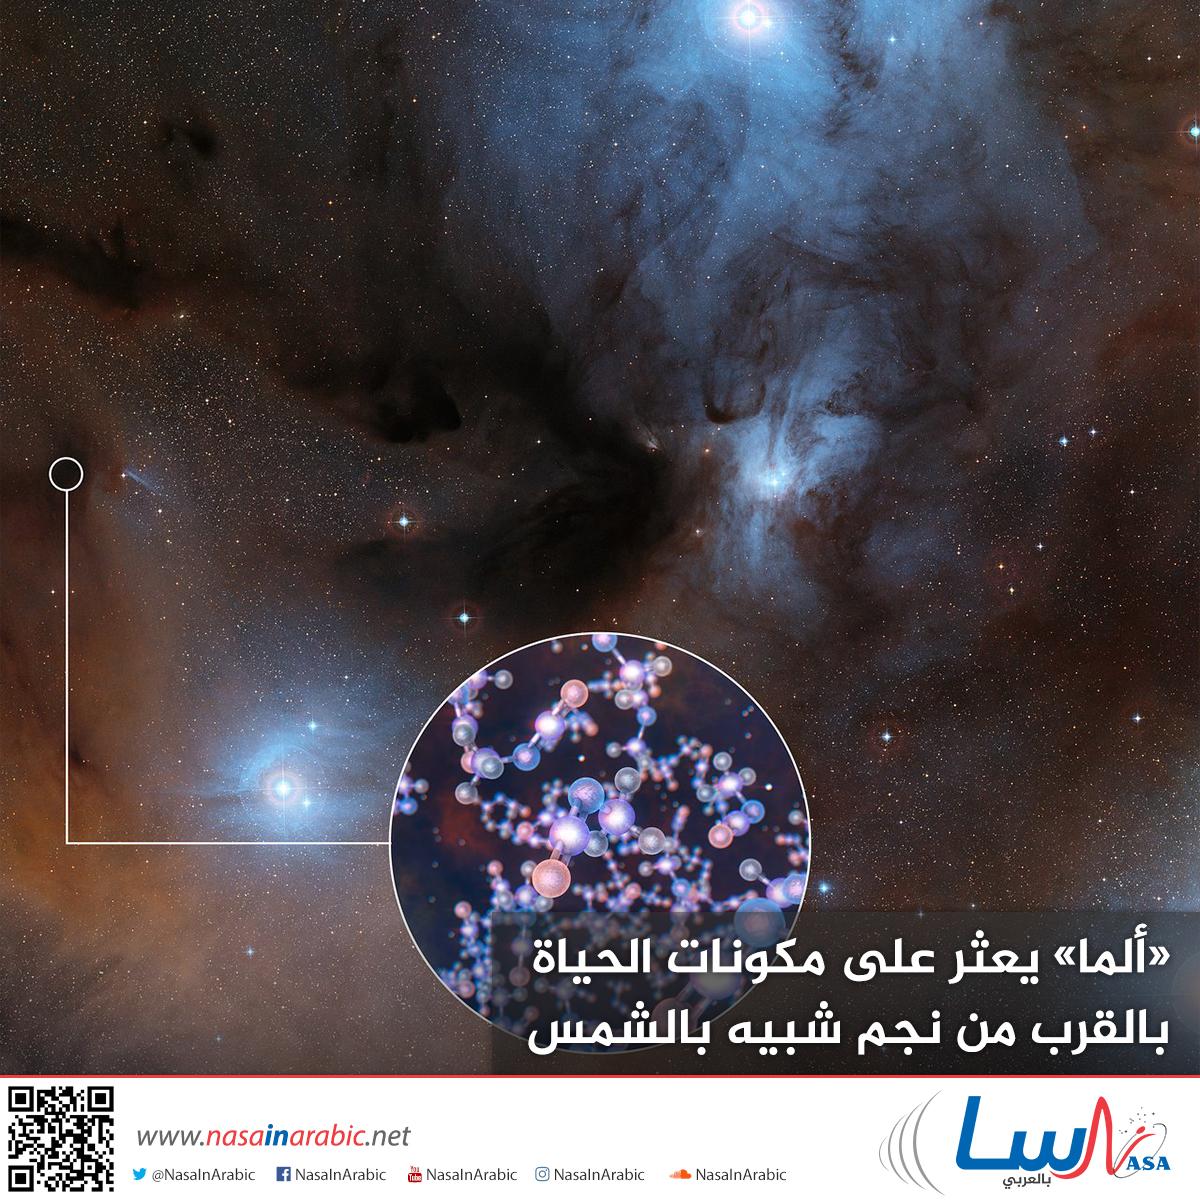 ألما يعثر على مكونات الحياة بالقرب من نجم شبيه بالشمس